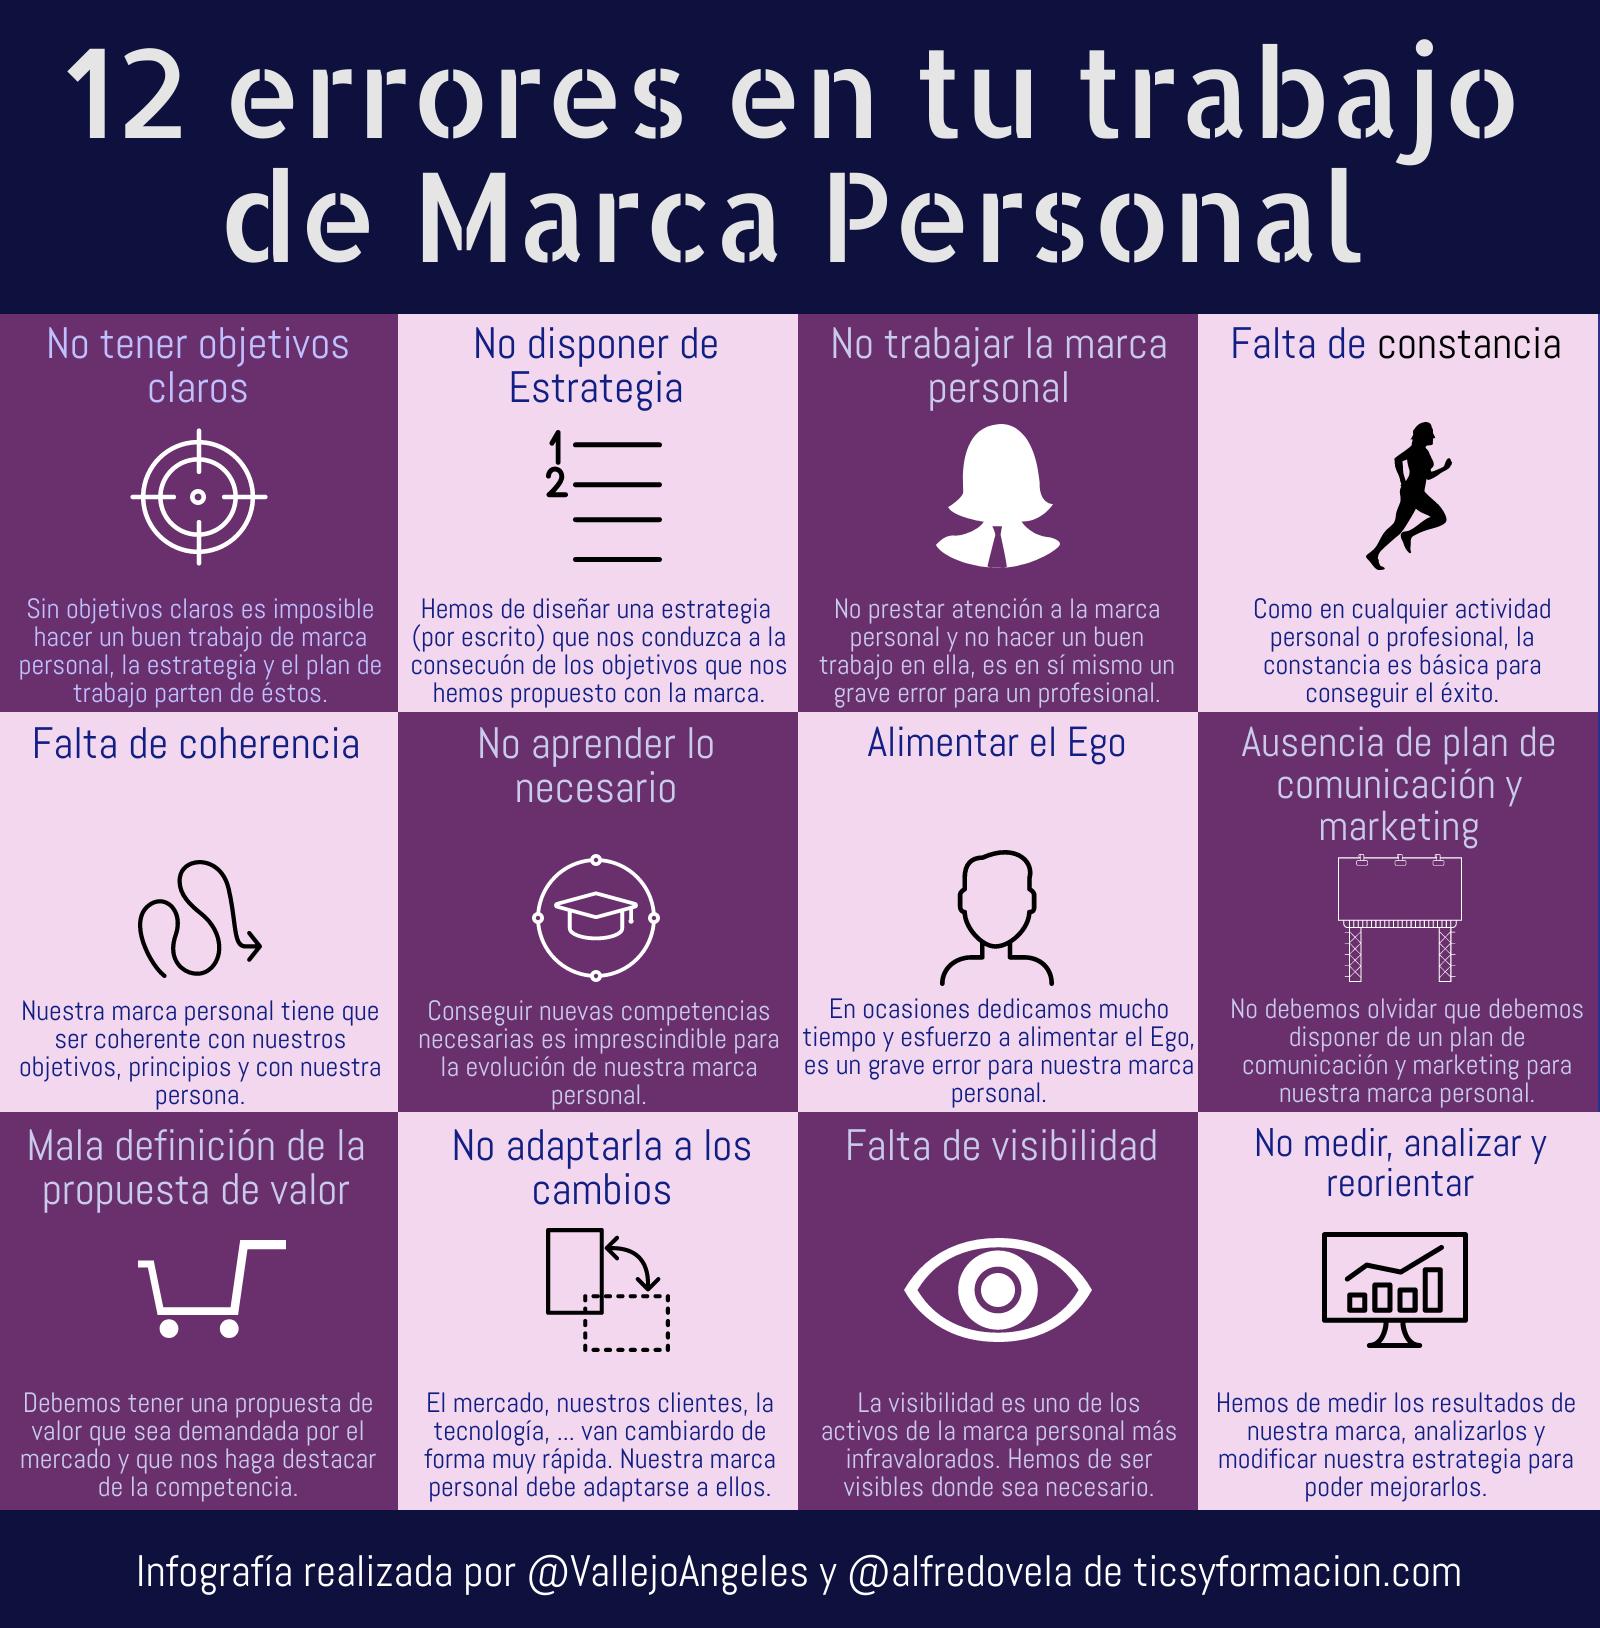 12 errores en el trabajo de tu Marca Personal #infografia #personalbranding #marcapersonal